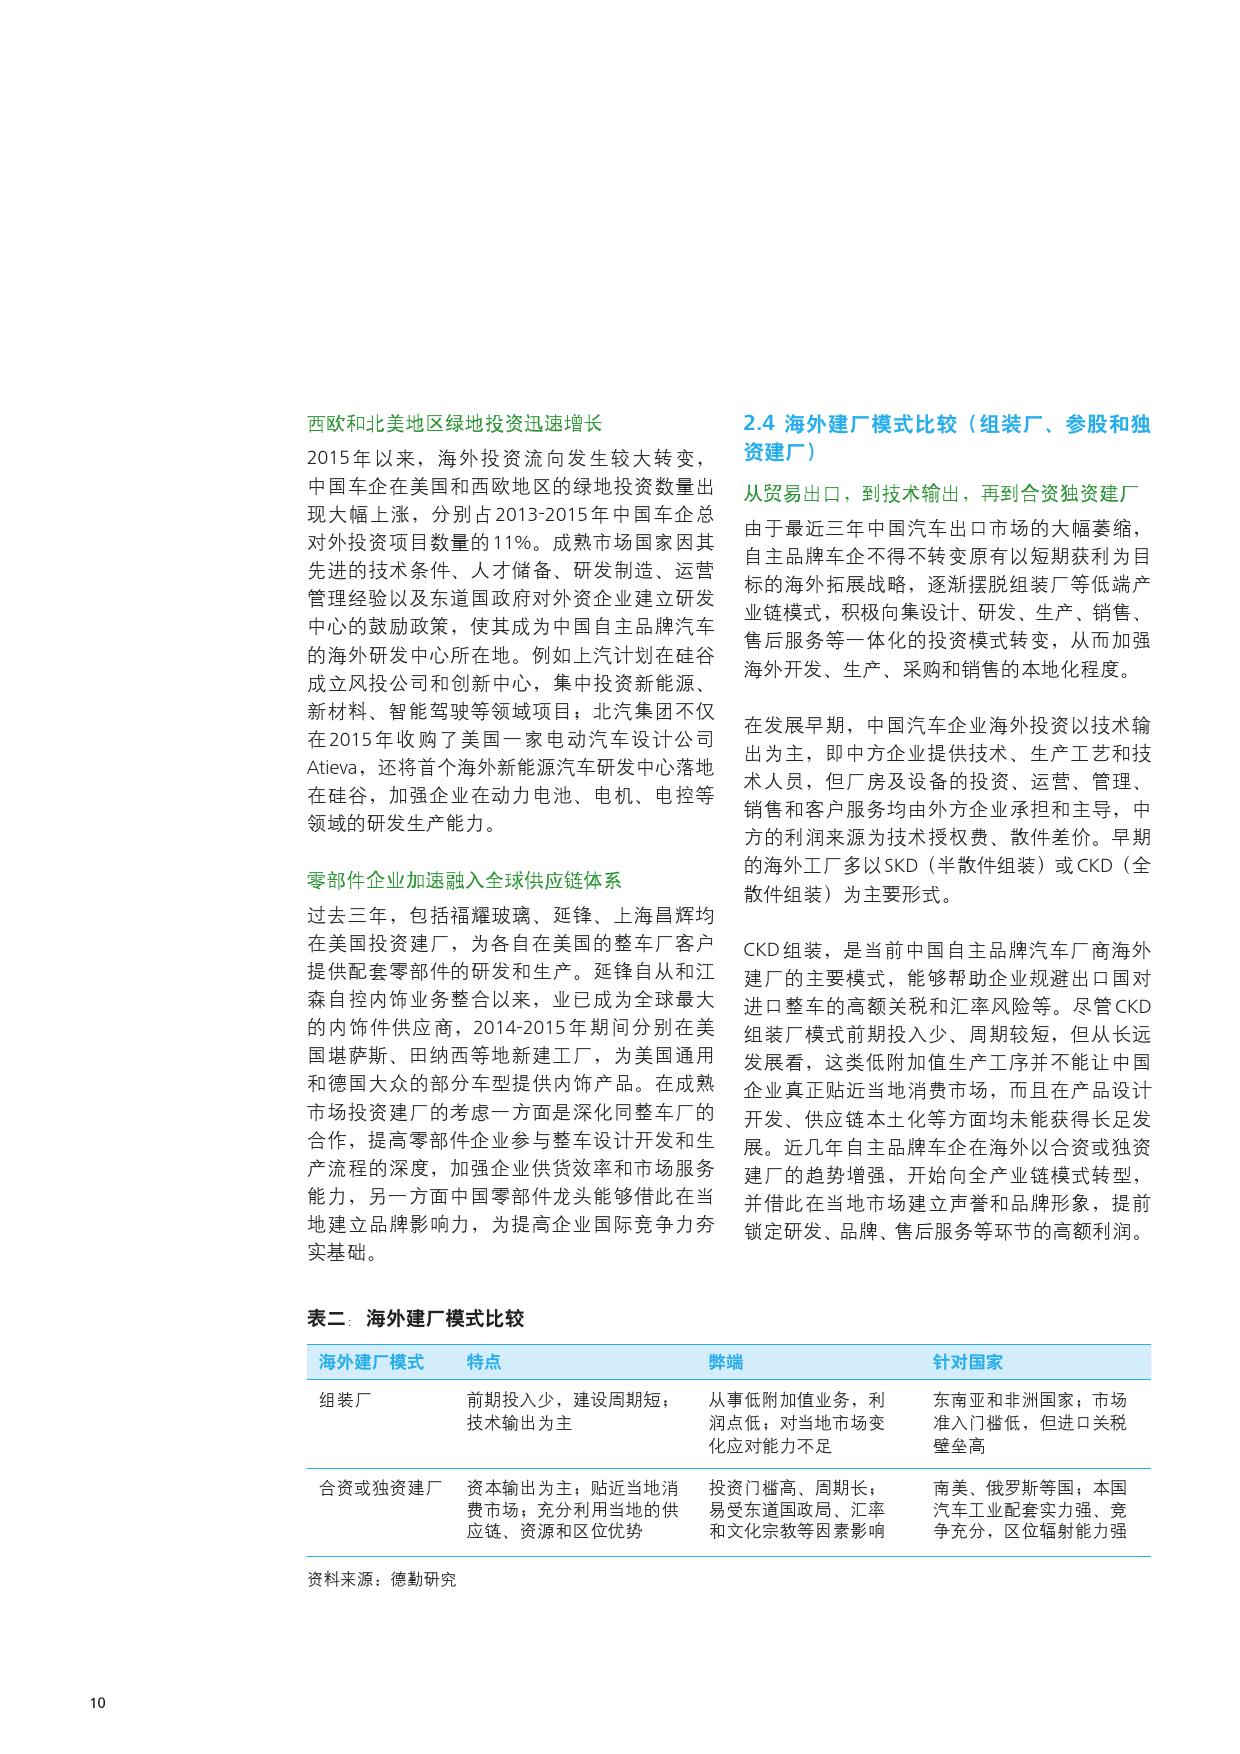 2016中国汽车行业对外投资报告_000012